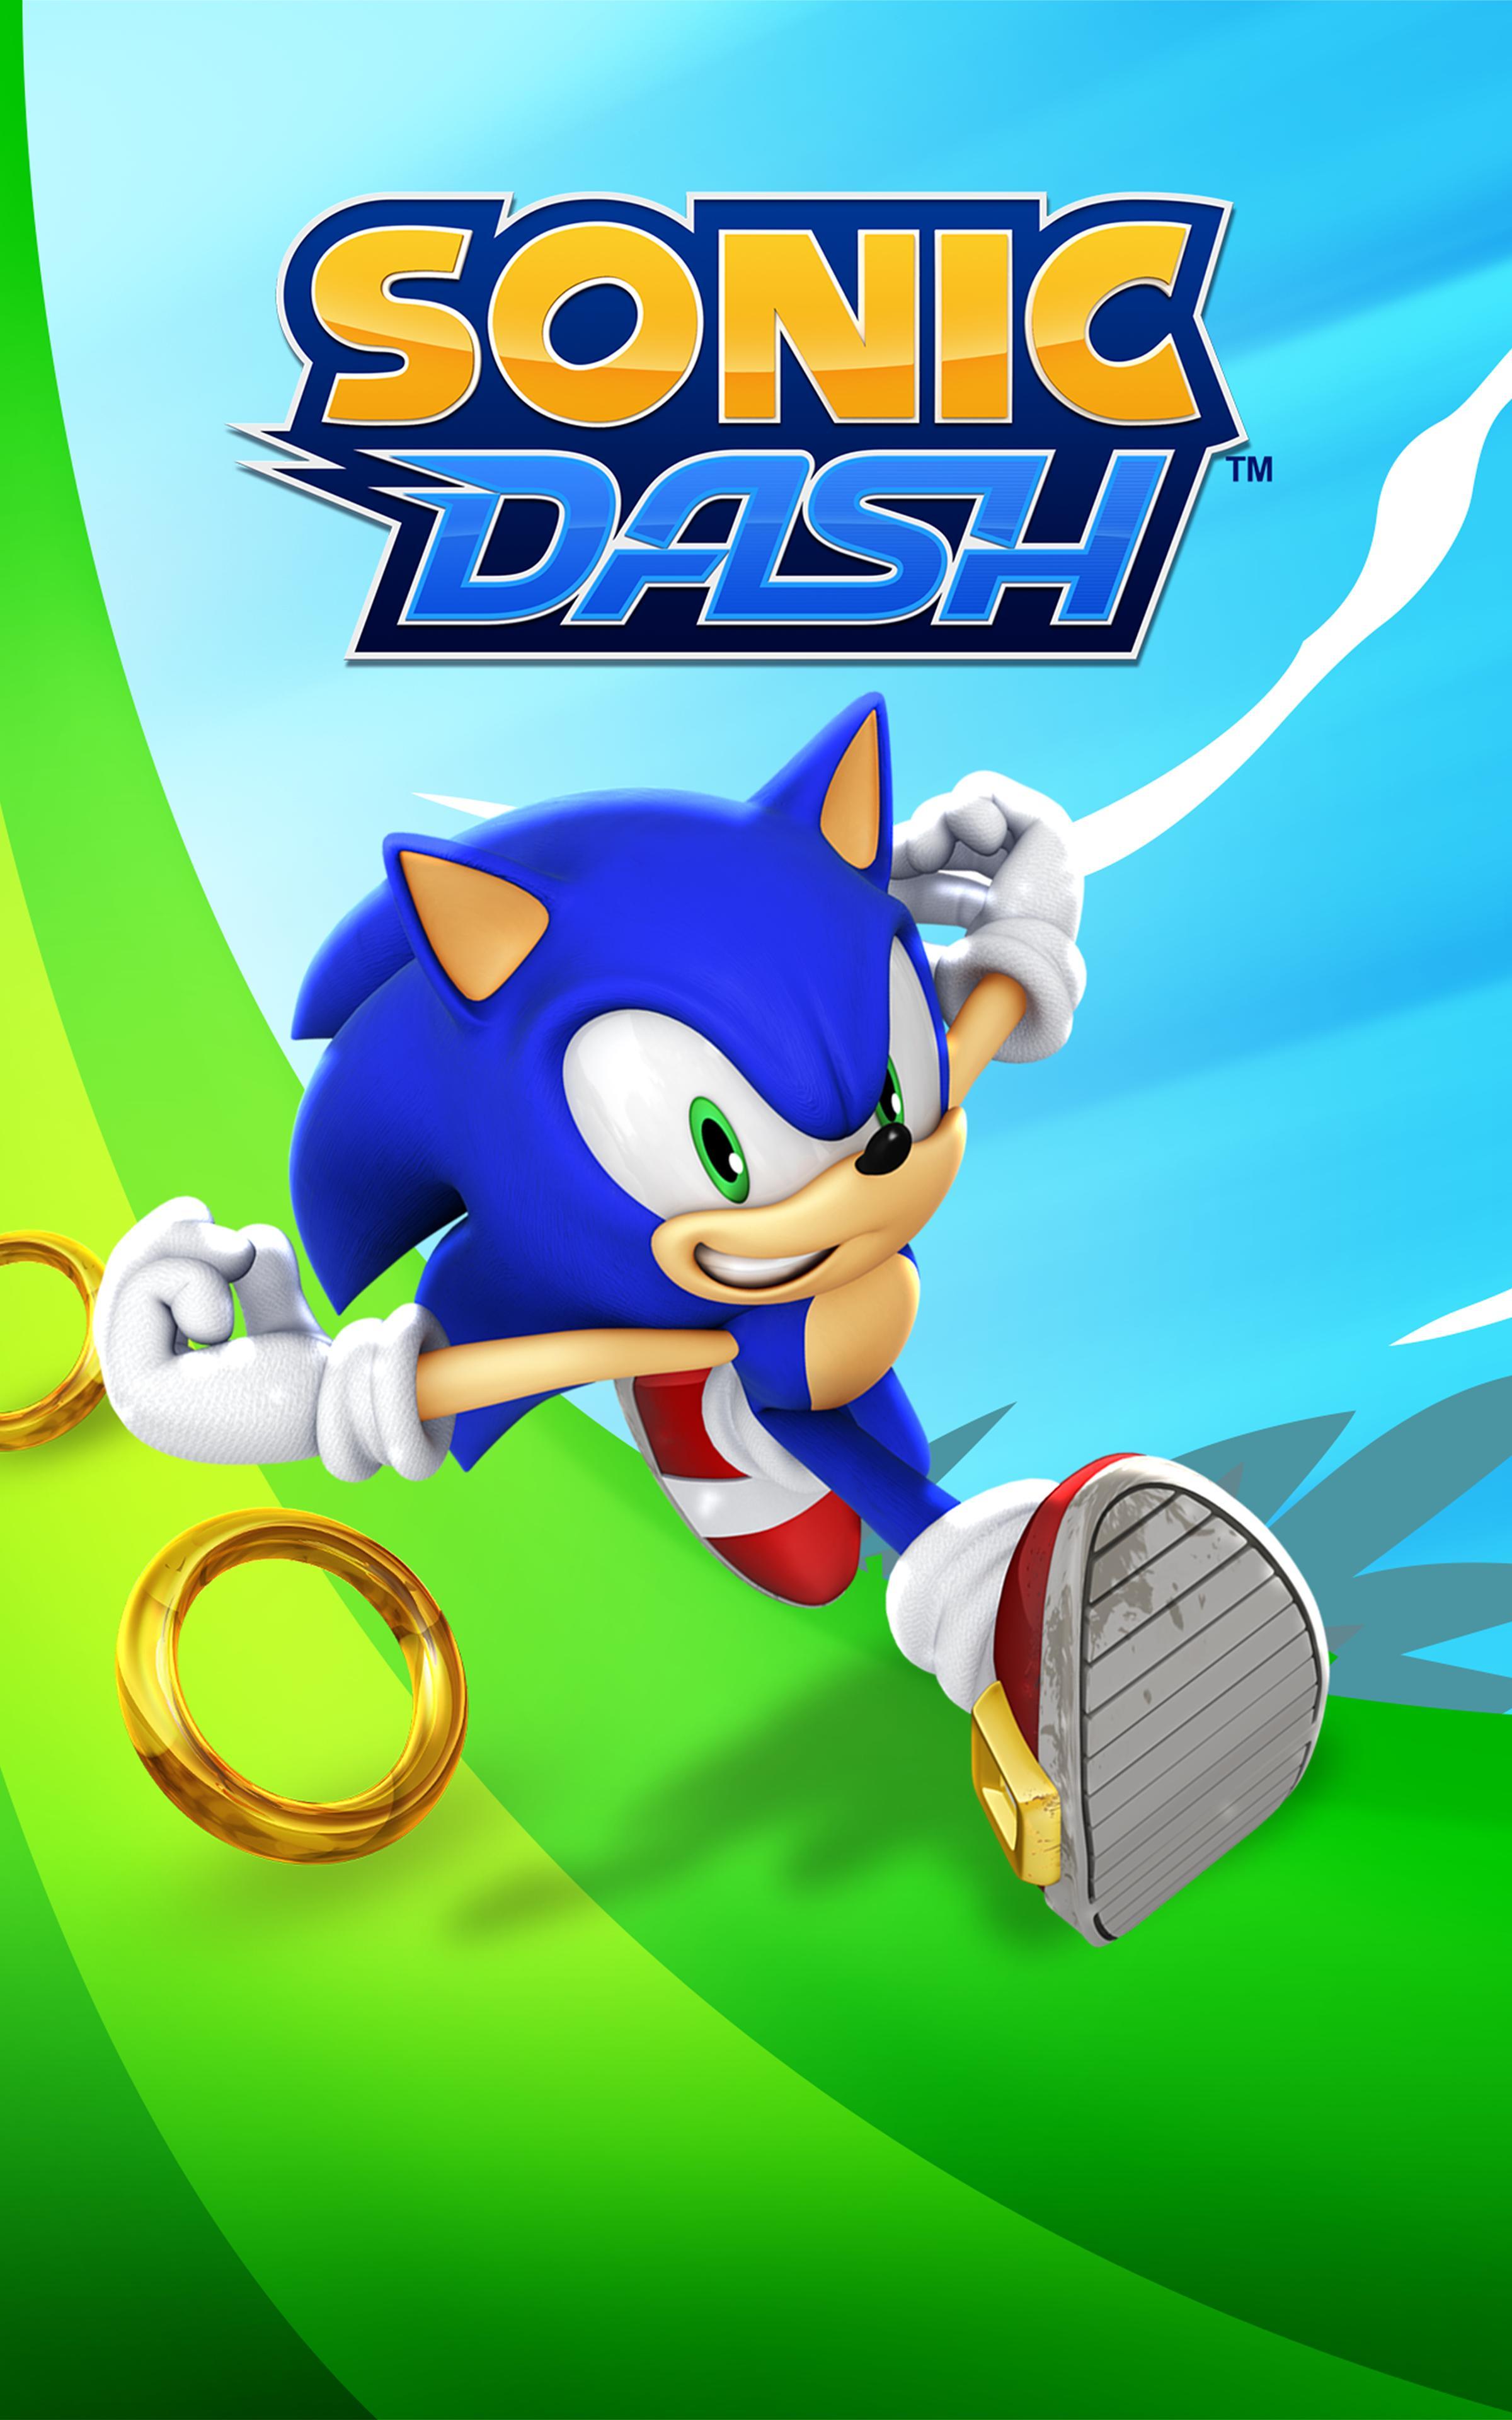 Sonic Dash - Endless Running & Racing Game 4.14.0 Screenshot 22